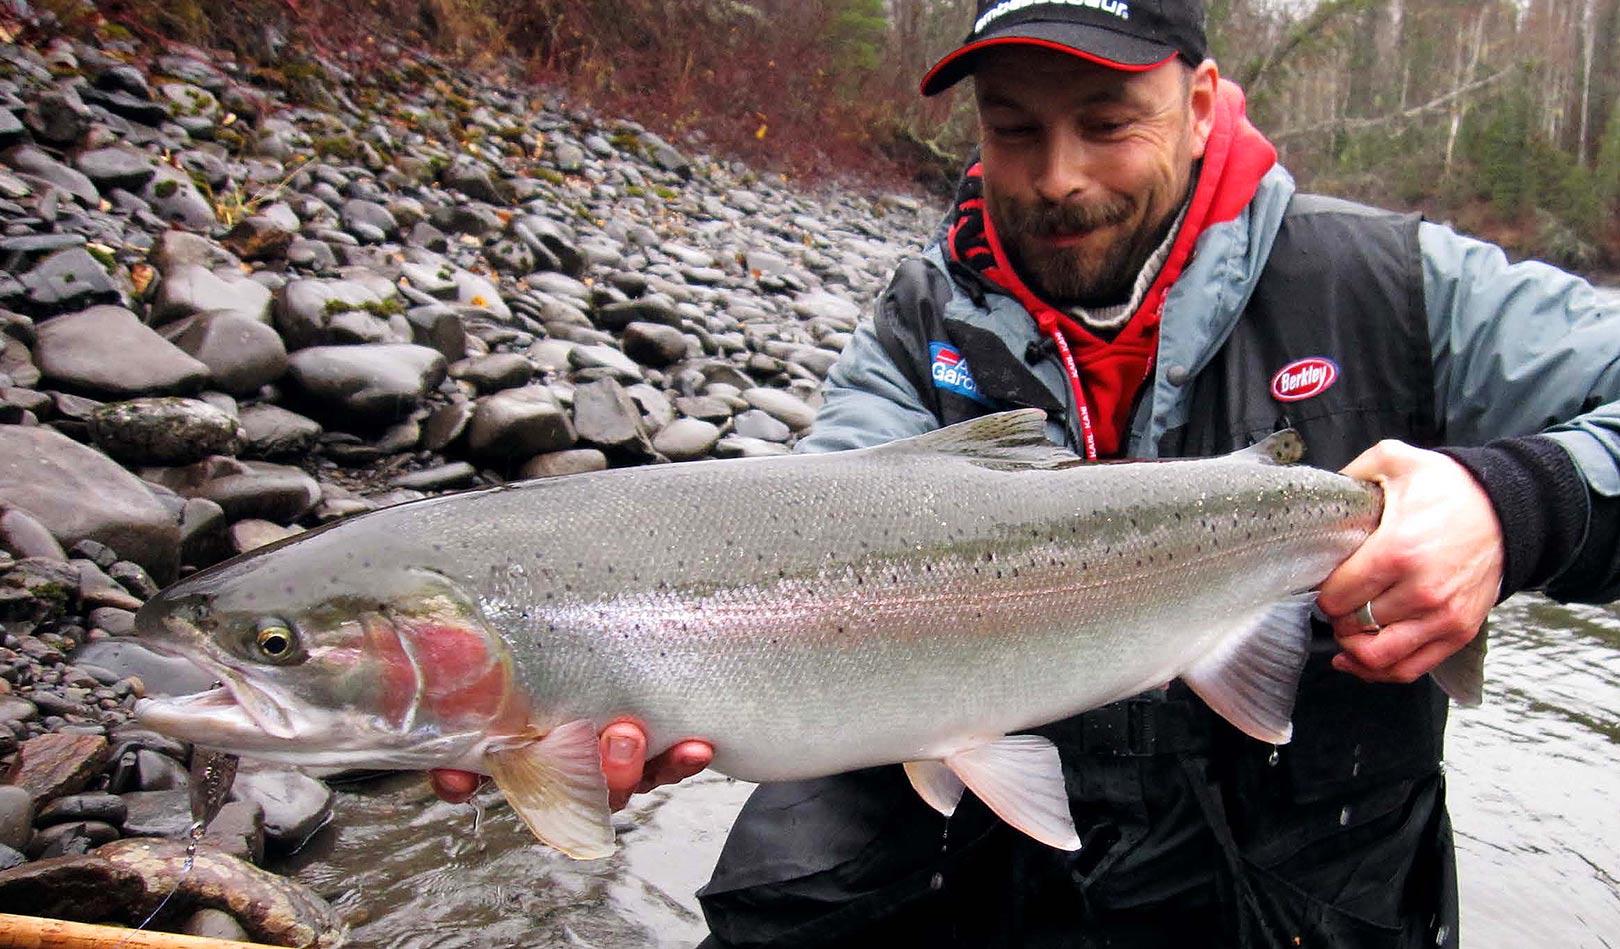 Denne smukke fisk lokkede smilet frem efter en spændende kamp i den hårde strøm.